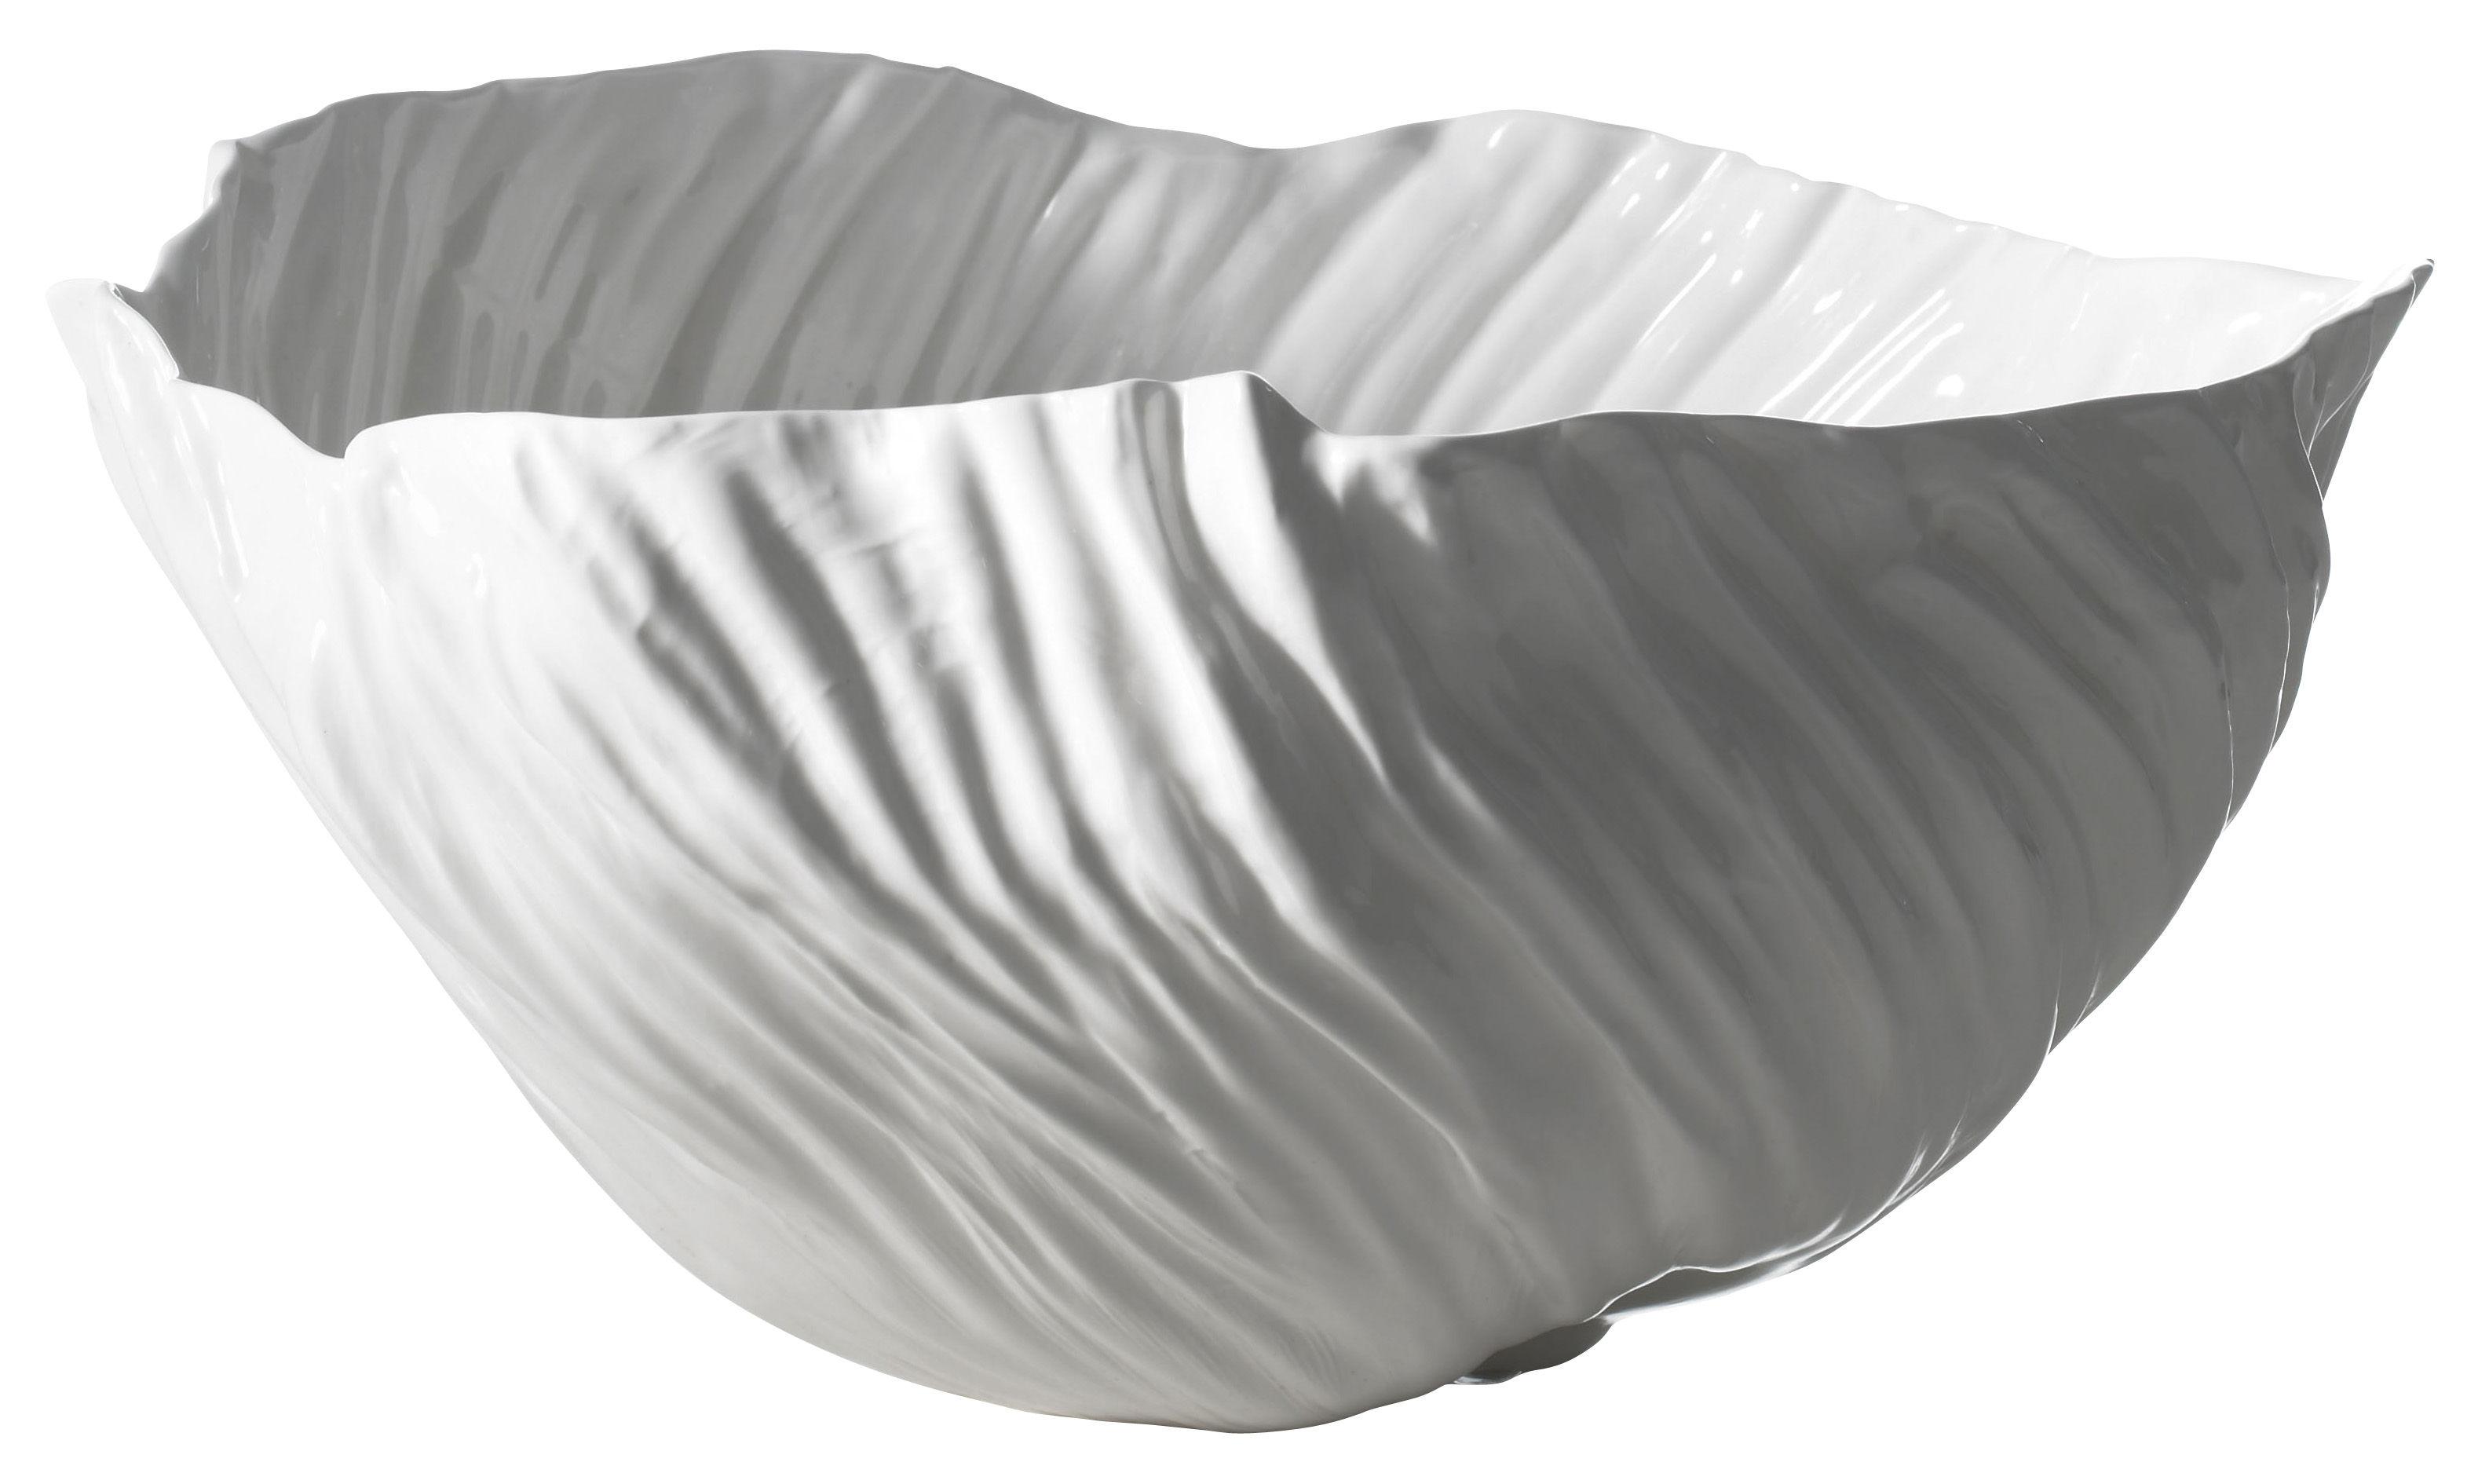 Tischkultur - Körbe, Fruchtkörbe und Tischgestecke - Adelaïde III Tischgesteck - Driade Kosmo - Weiß - chinesisches Weich-Porzellan